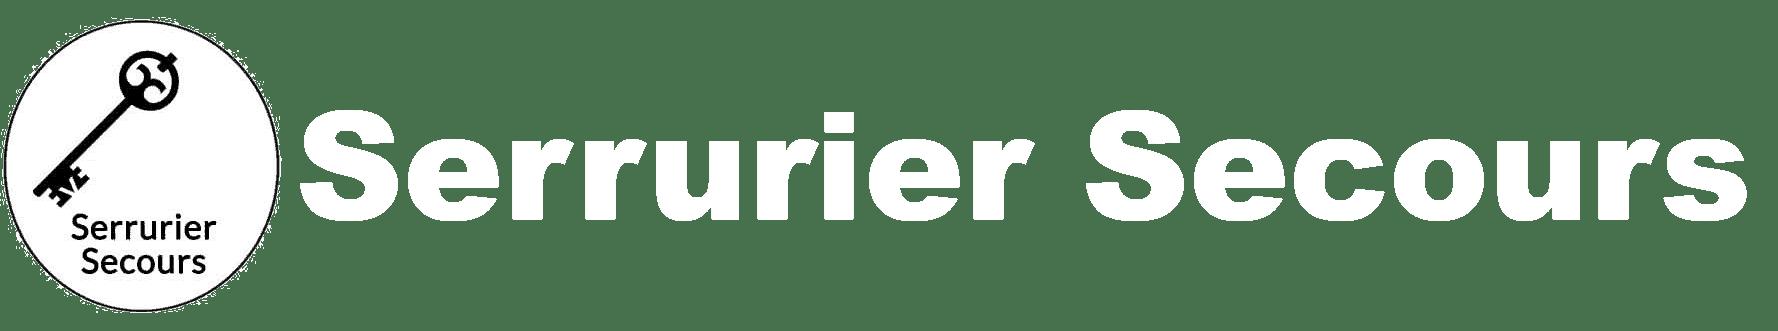 Serrurier Secours